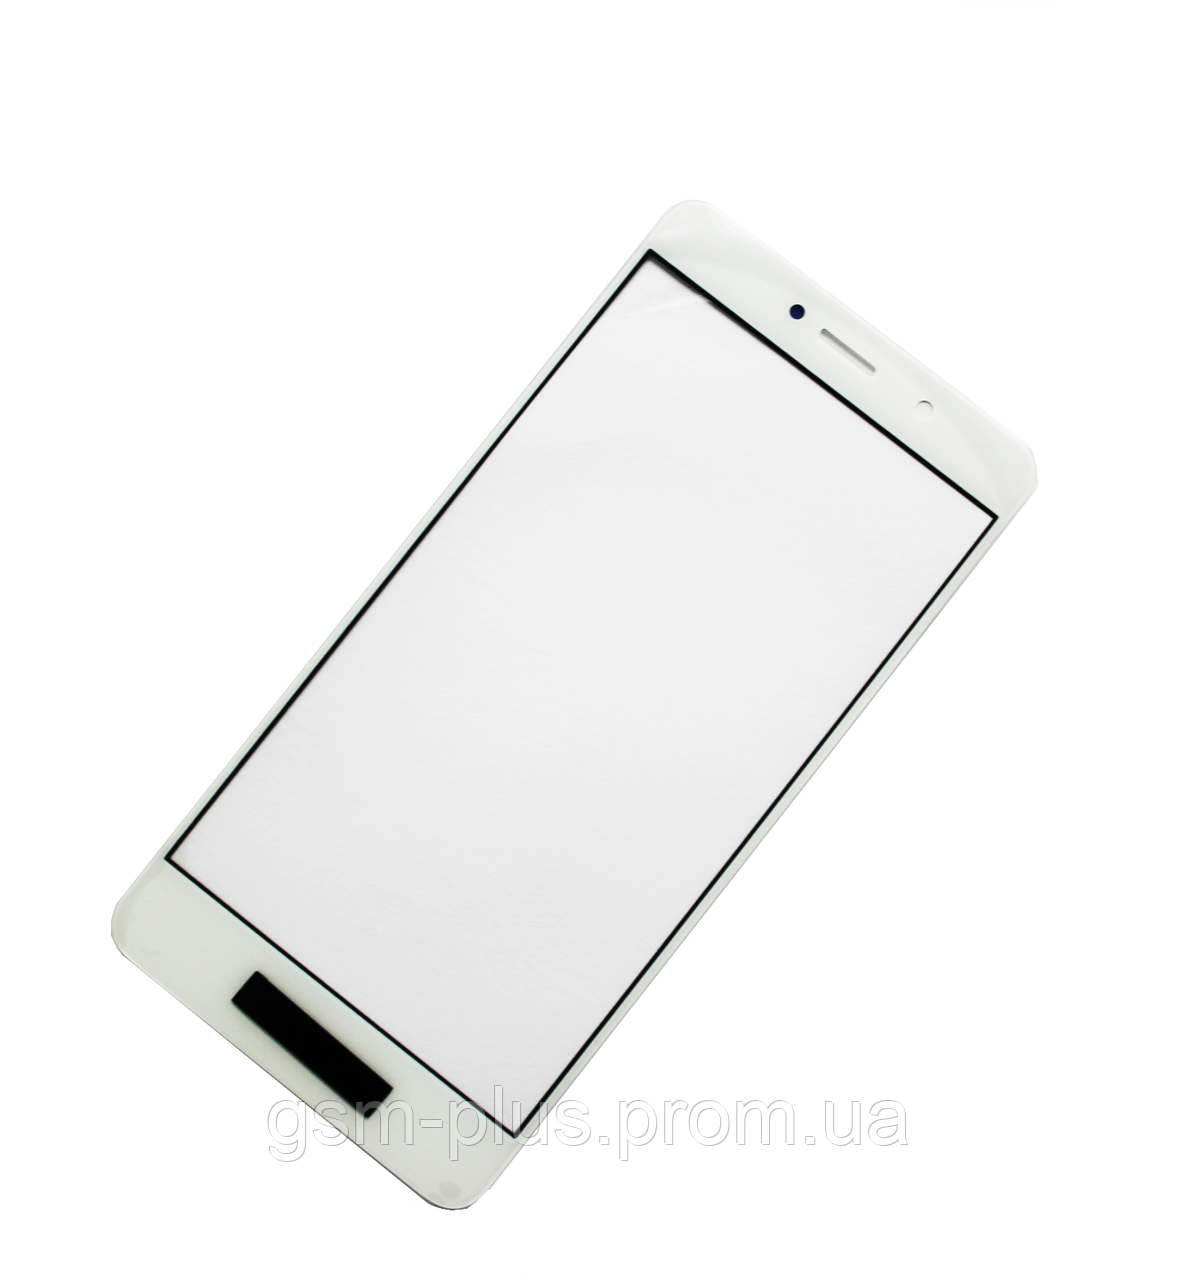 Стекло дисплея Huawei Y7 (2017) (TRT-LX1) White (для переклейки)